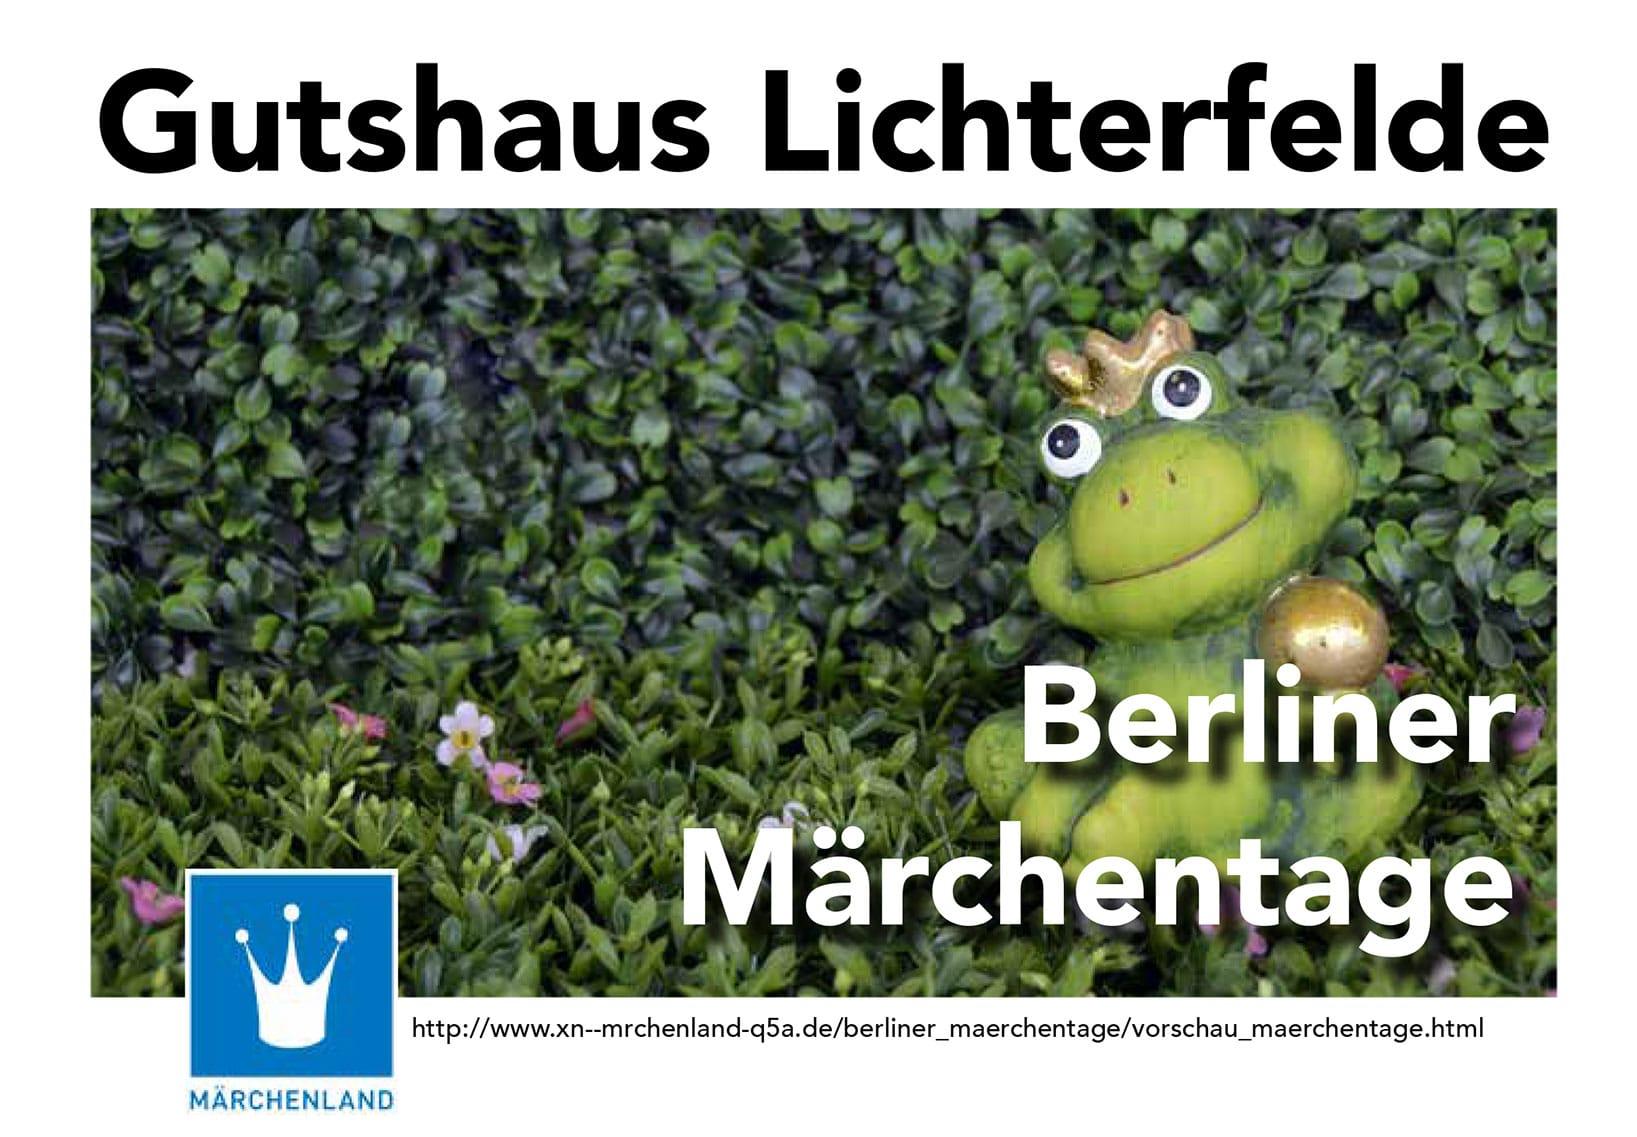 Berliner Märchentage im Gutshaus Lichterfelde